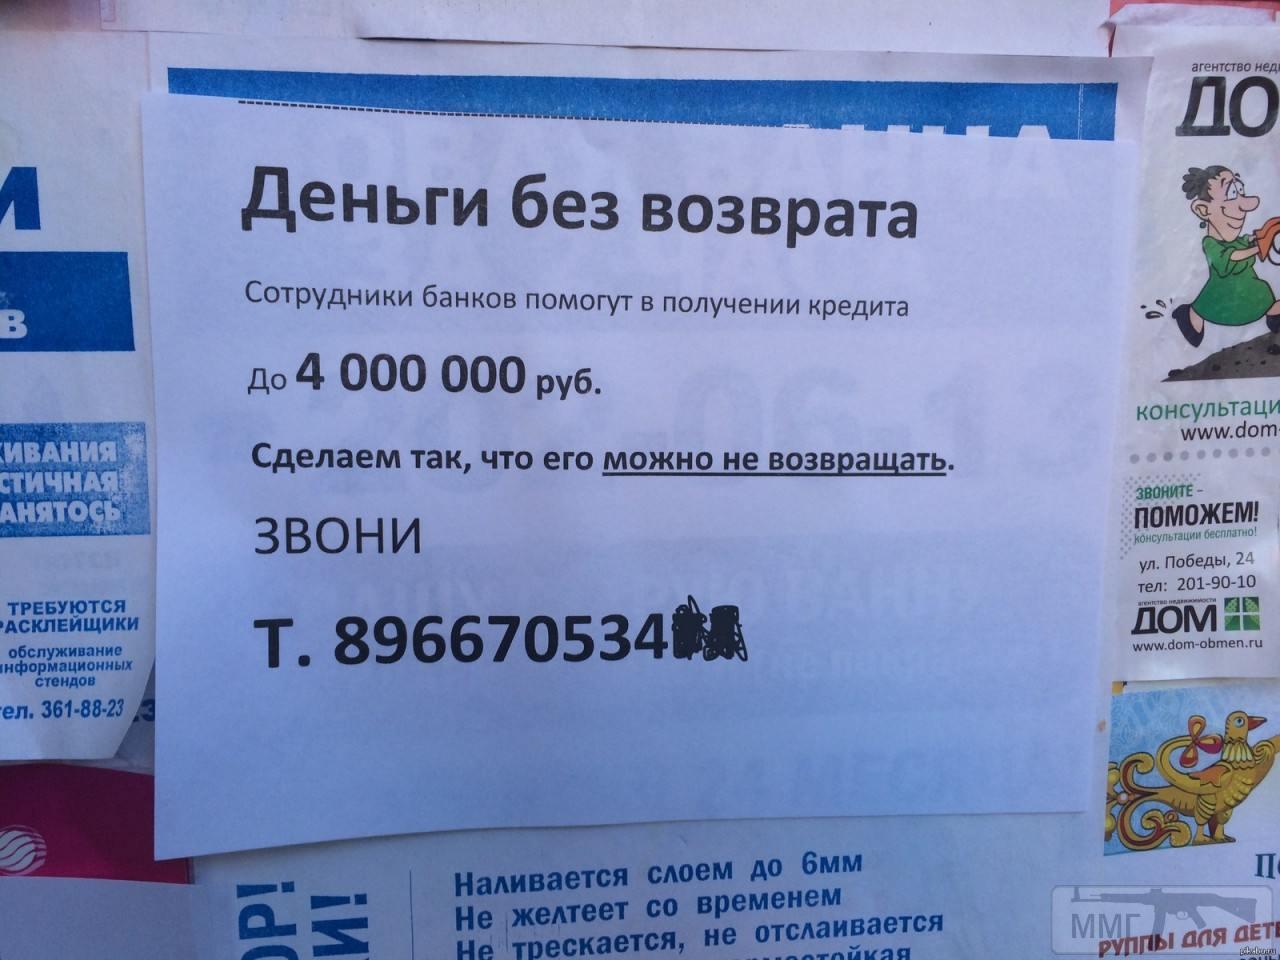 38216 - А в России чудеса!